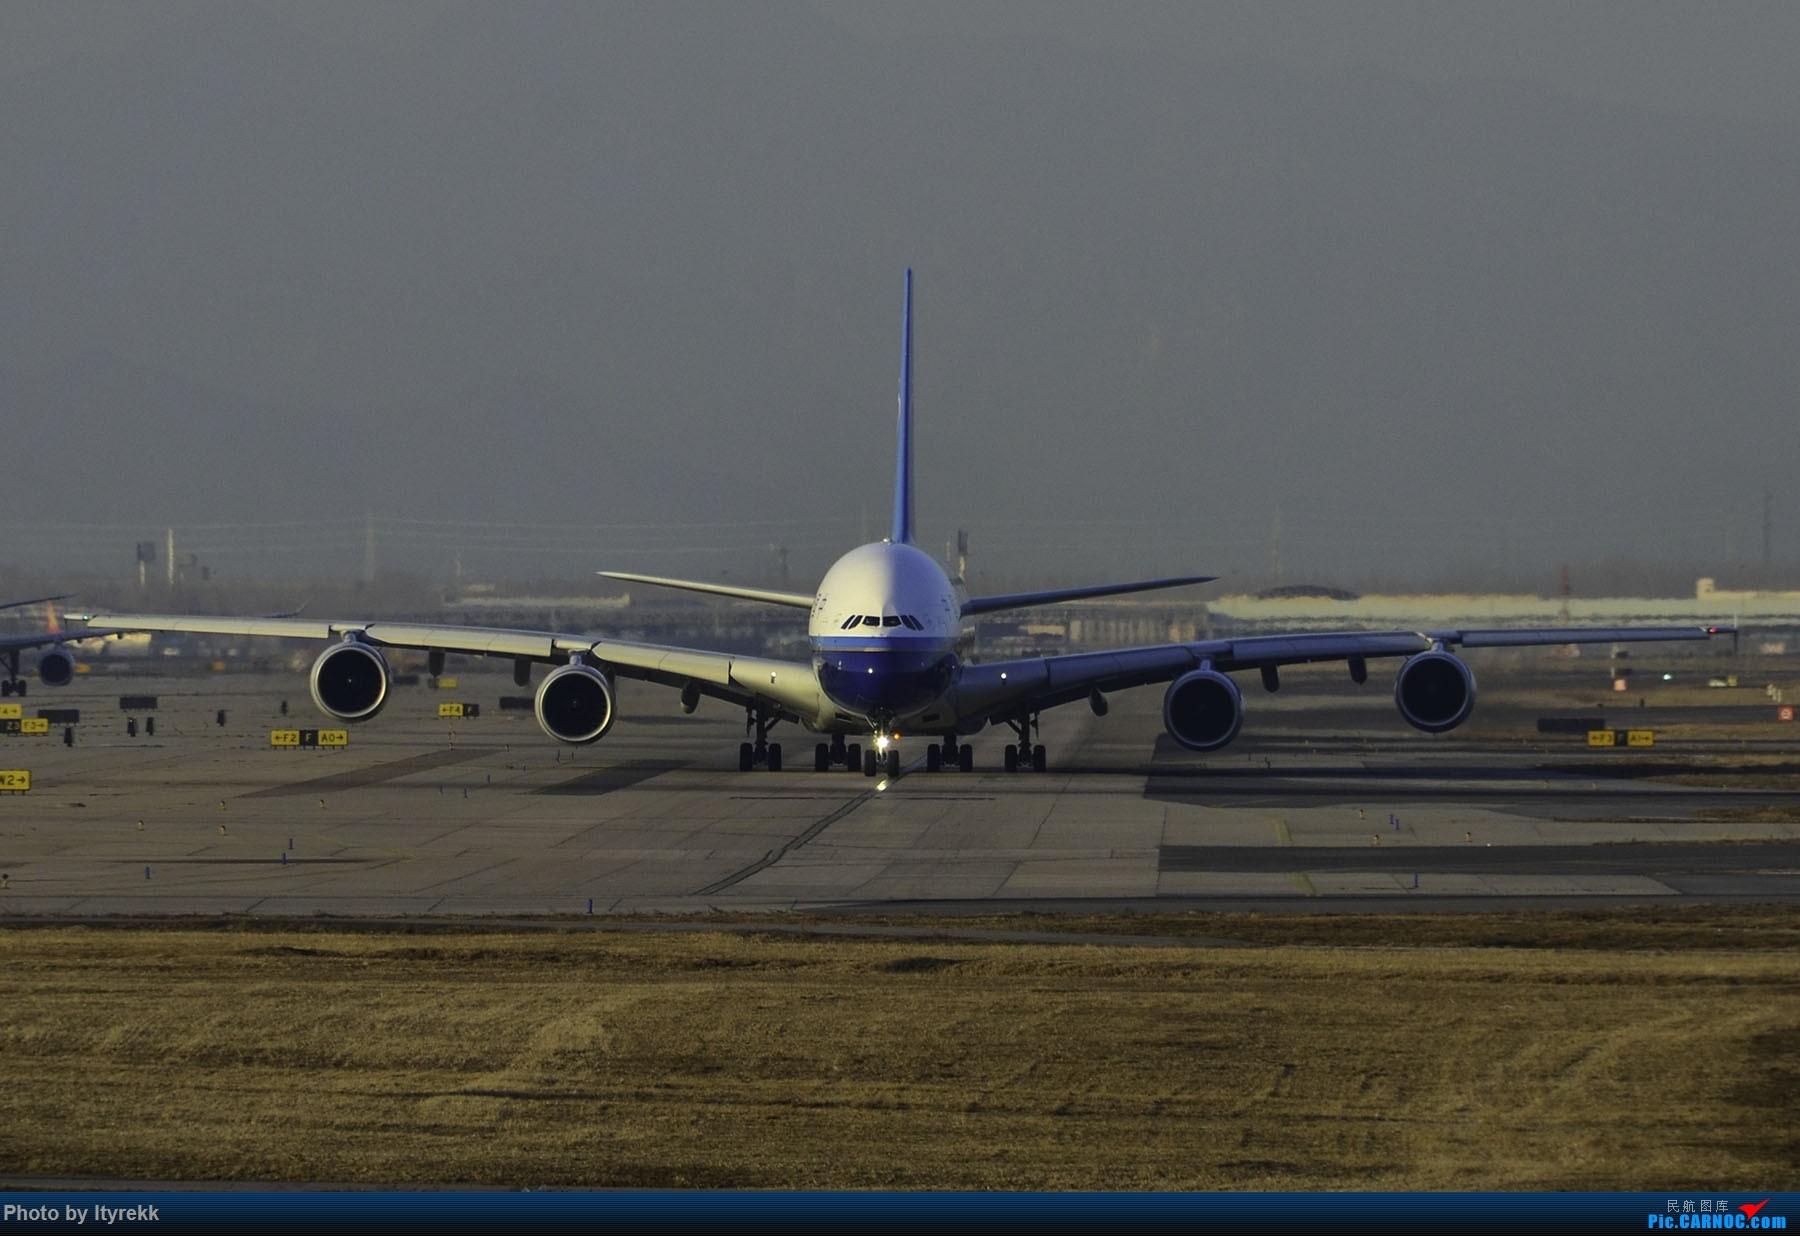 Re:[原创]PEK一日游 收获厦航首架789 B-1566等 AIRBUS A380 B-6139 中国北京首都国际机场